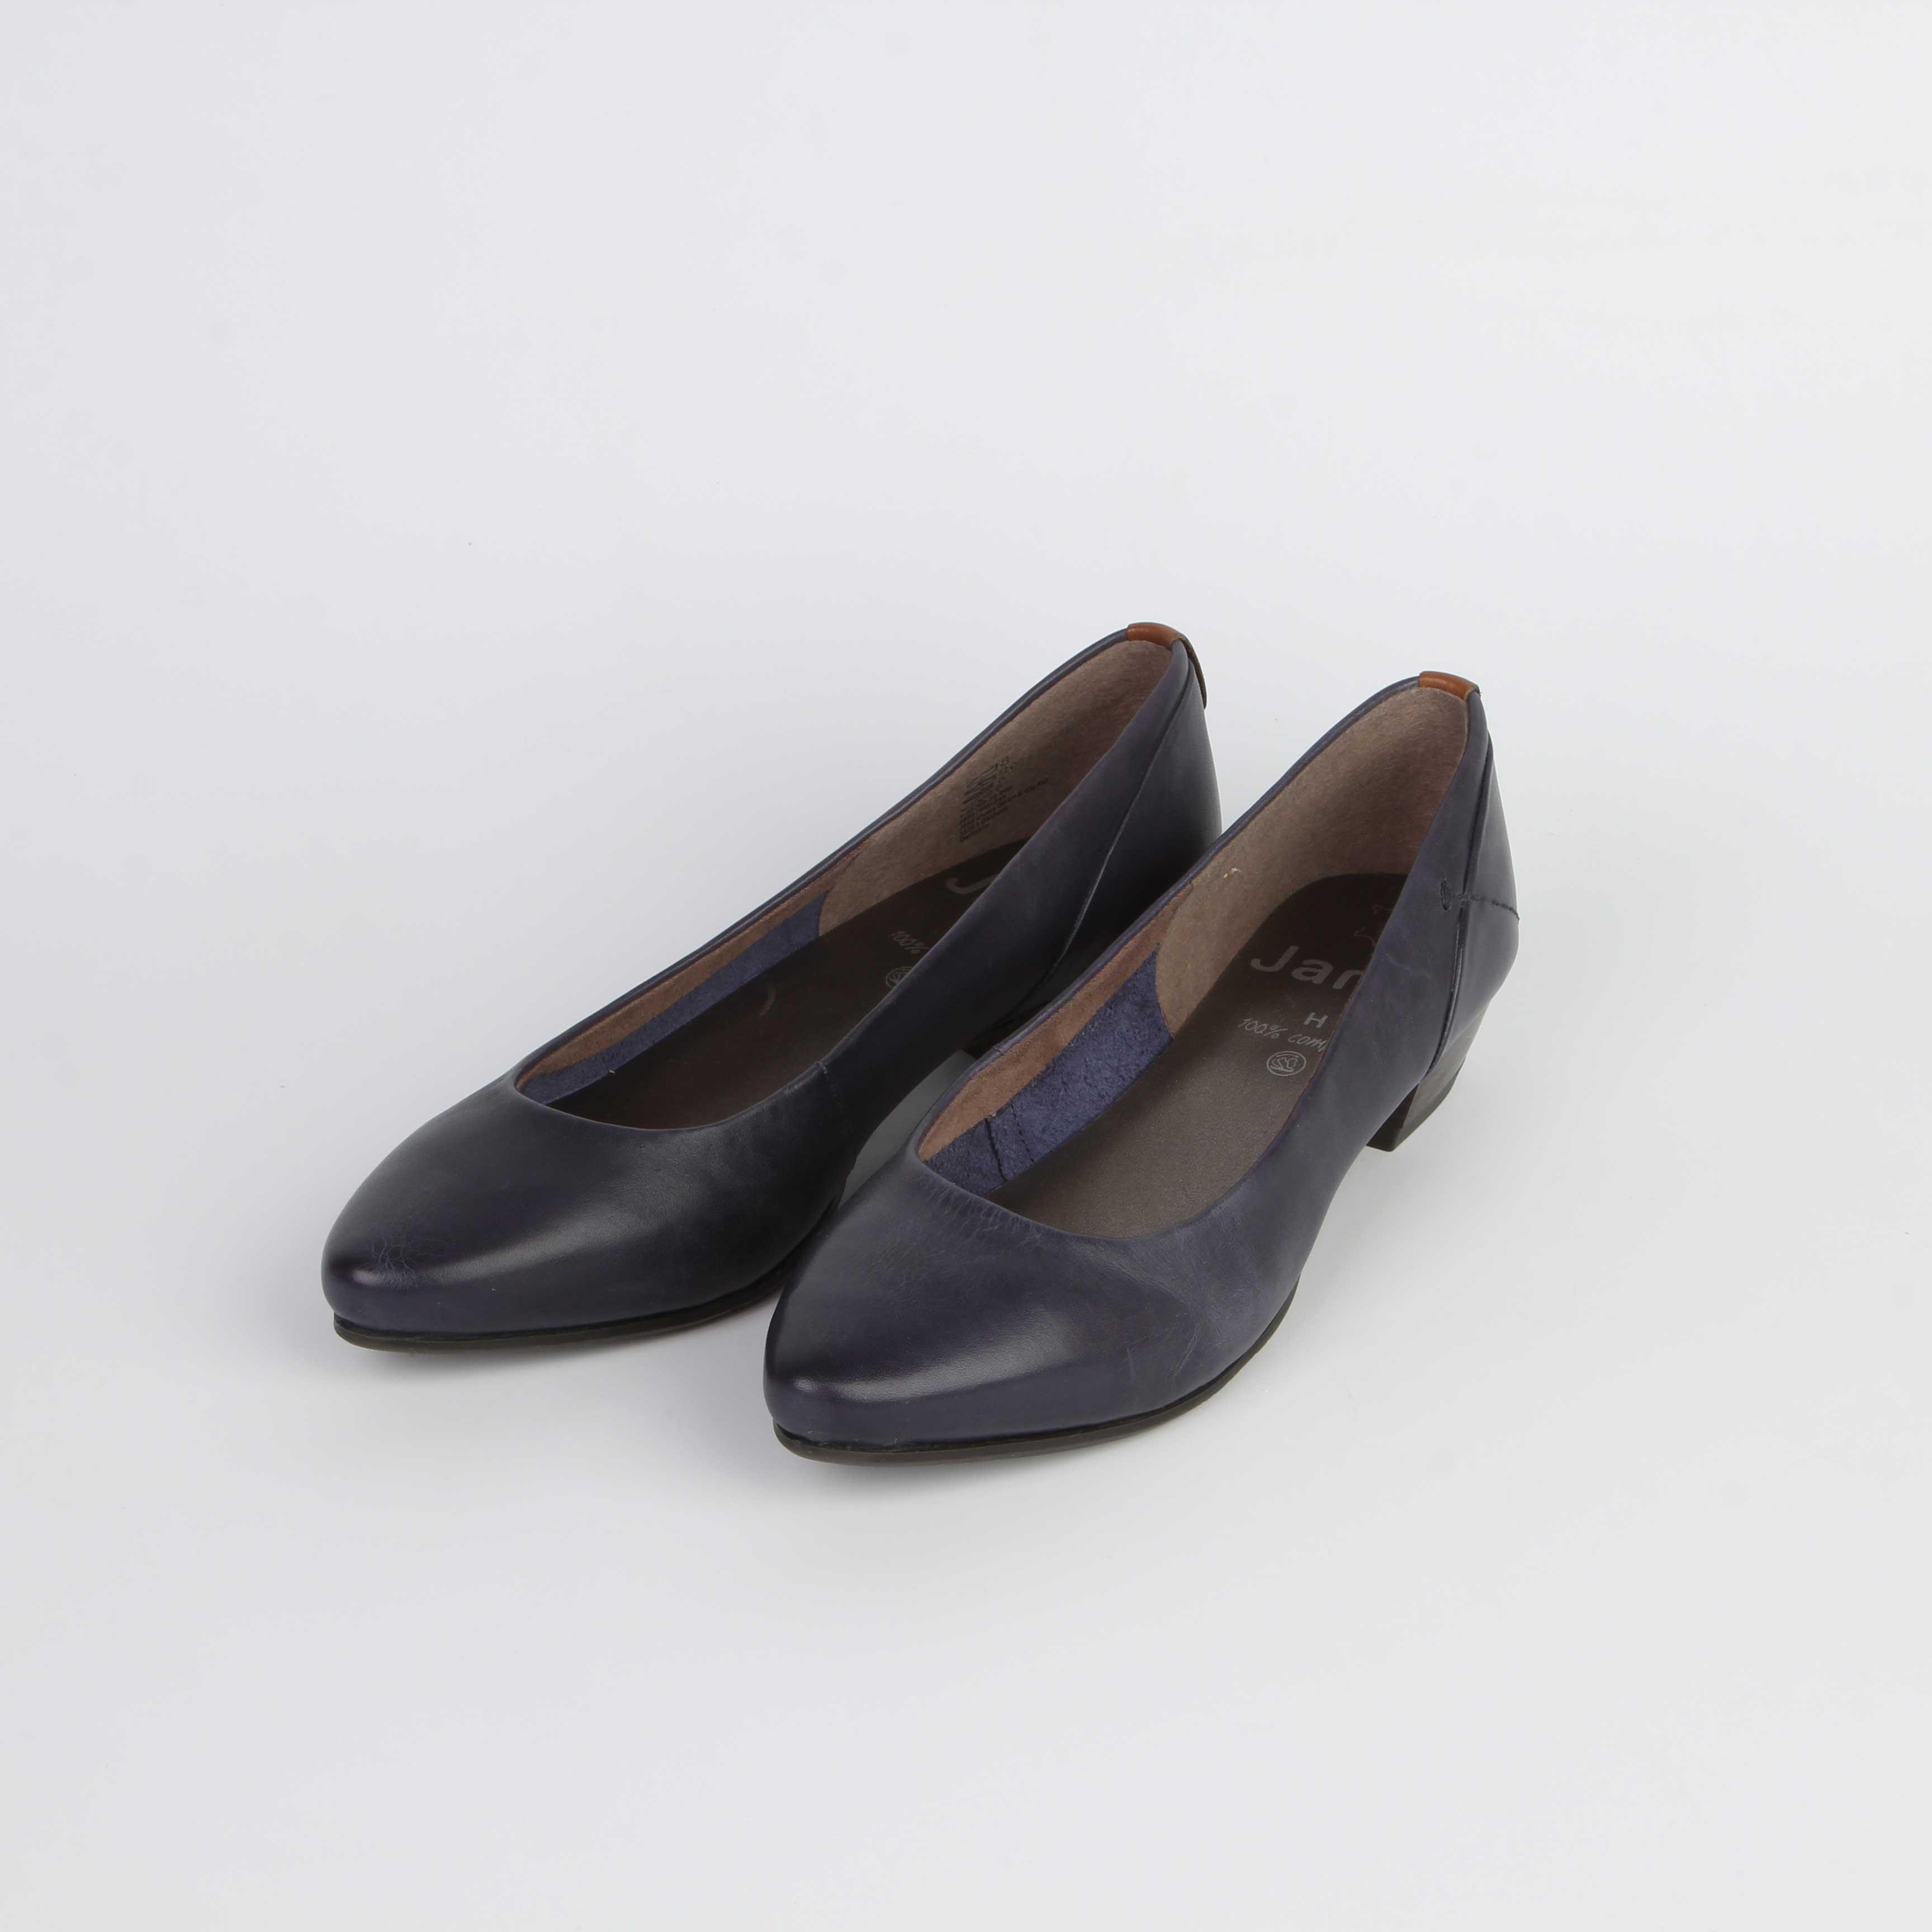 Туфли женские классические из натуральной кожи на низком каблуке